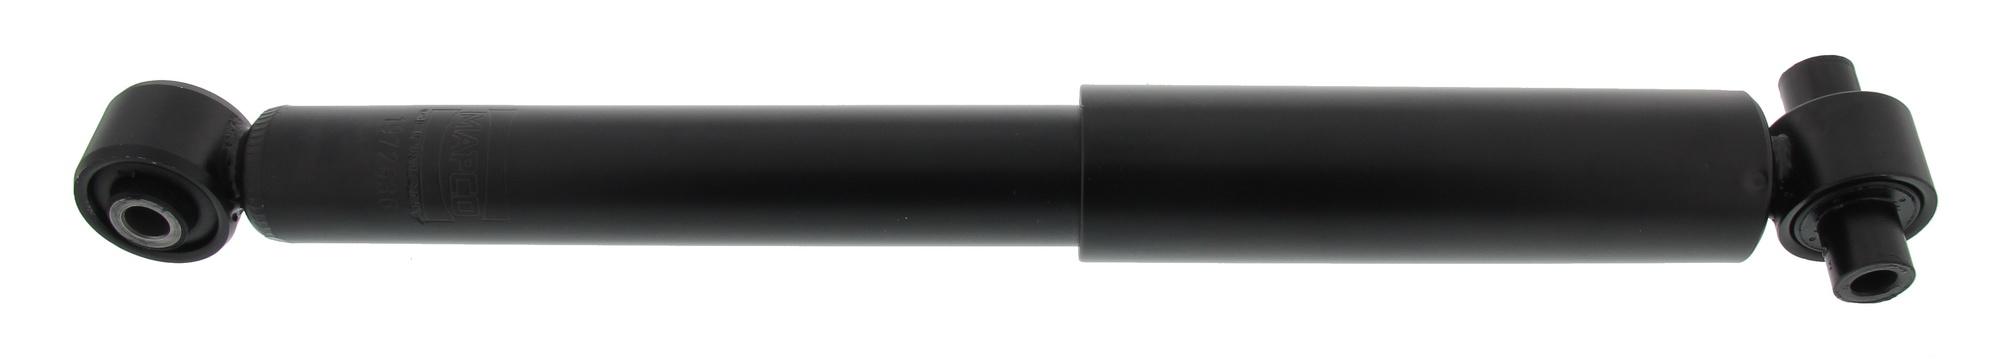 MAPCO 40600 Shock Absorber